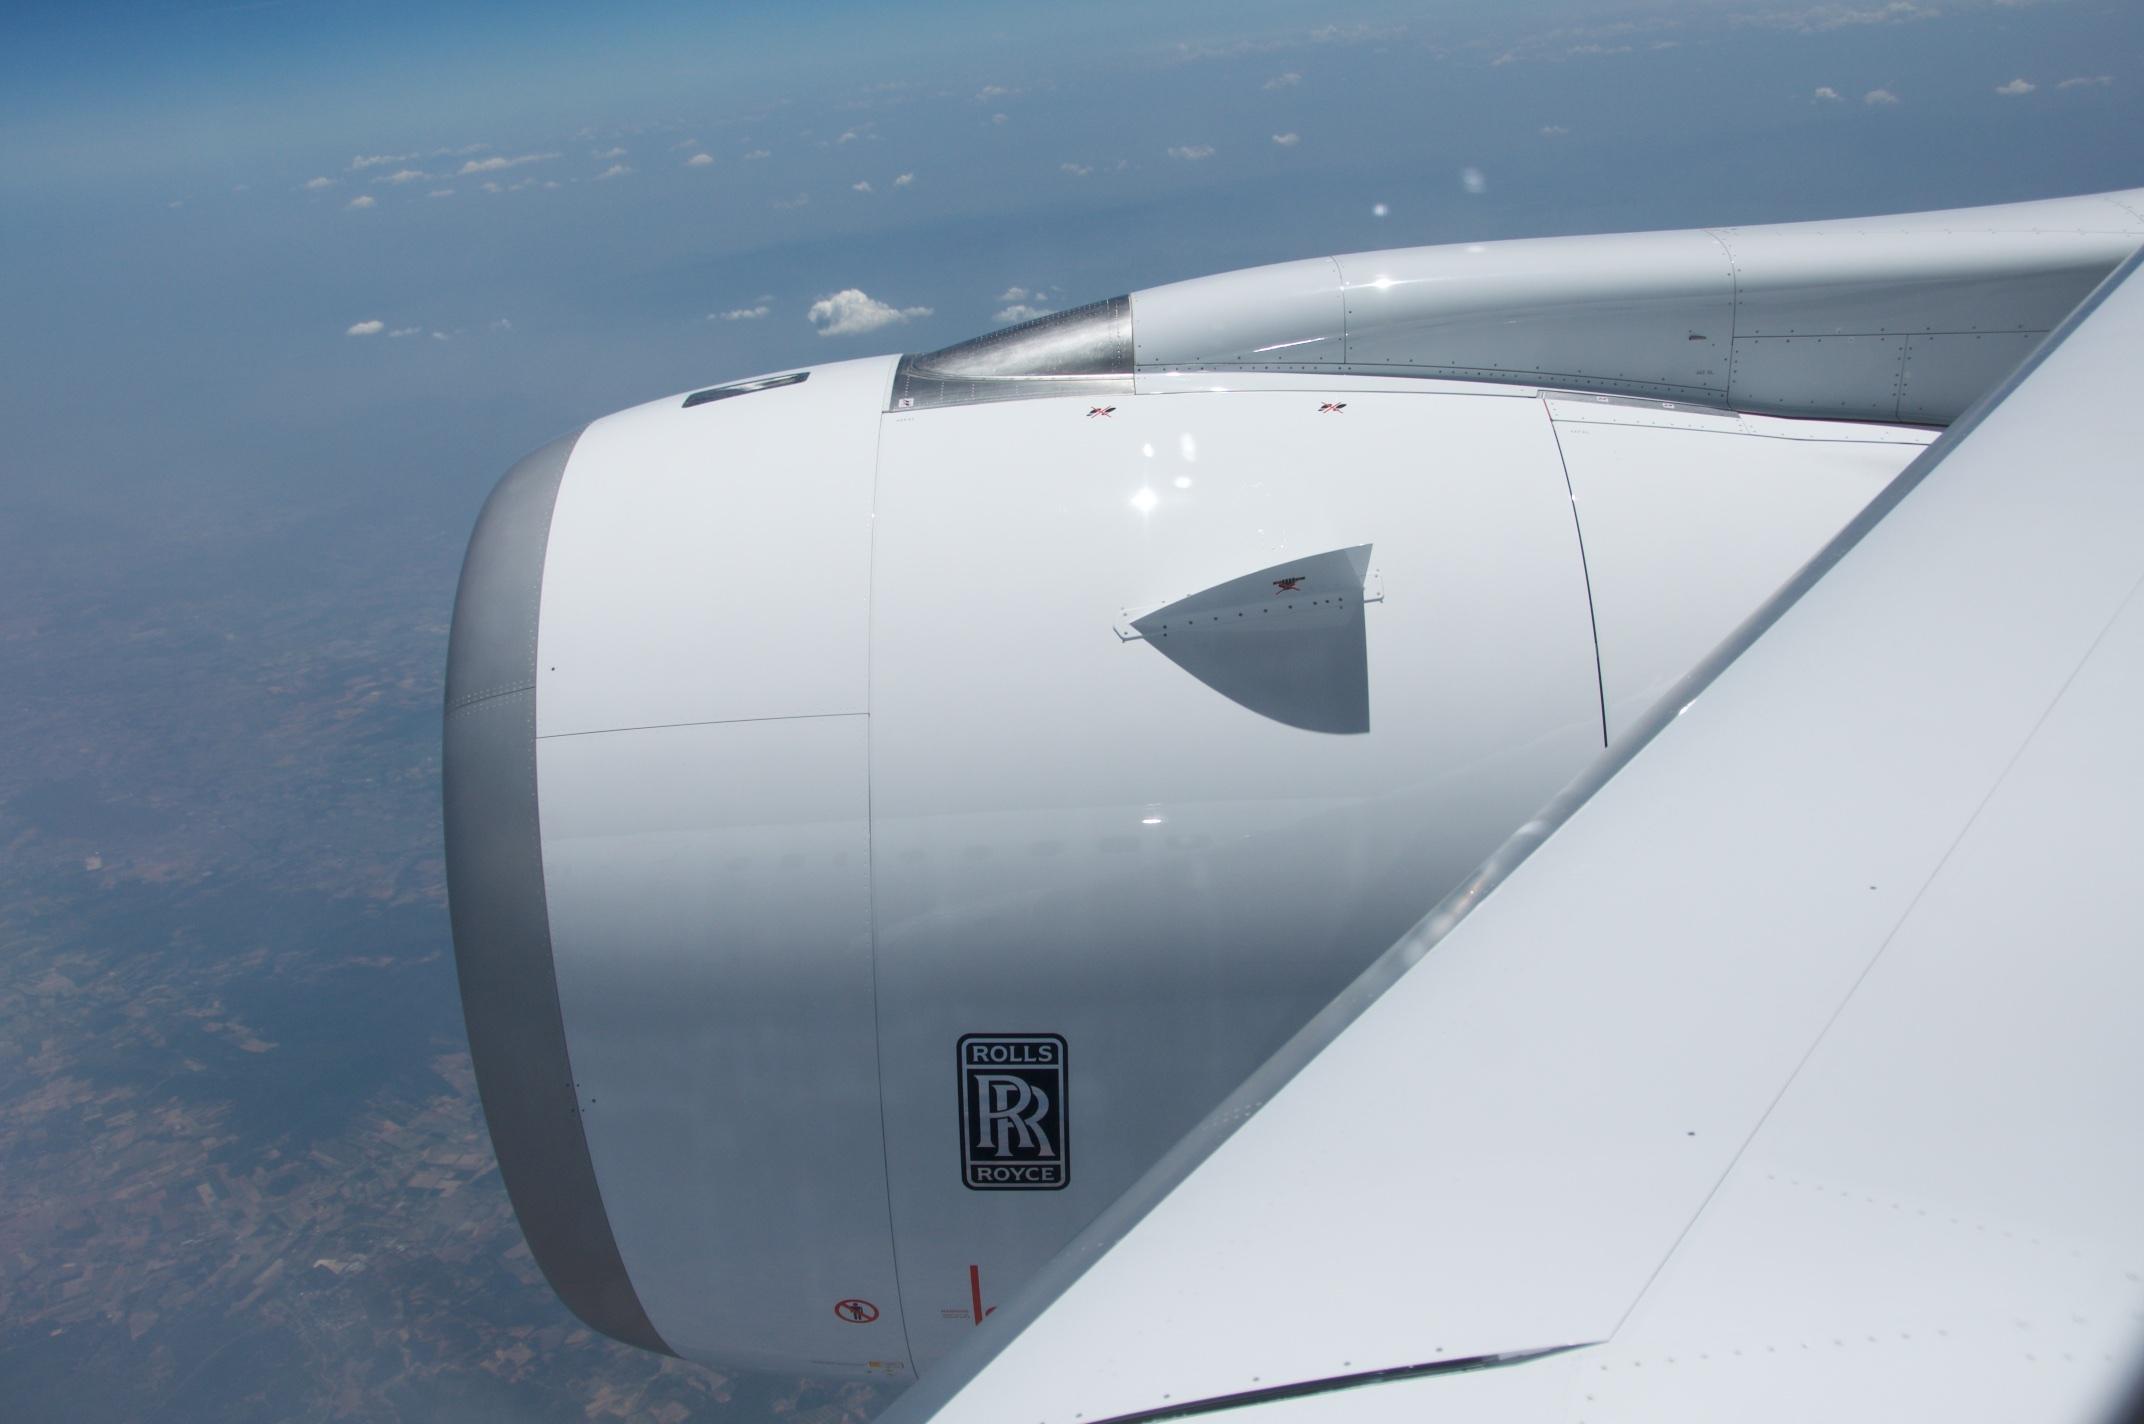 Airbus A350-1000XWB: Ein Blick ins Innere eines Testflugzeugs - Die Triebwerke der neuen Langstreckenflieger ... (Foto: Andreas Sebayang)